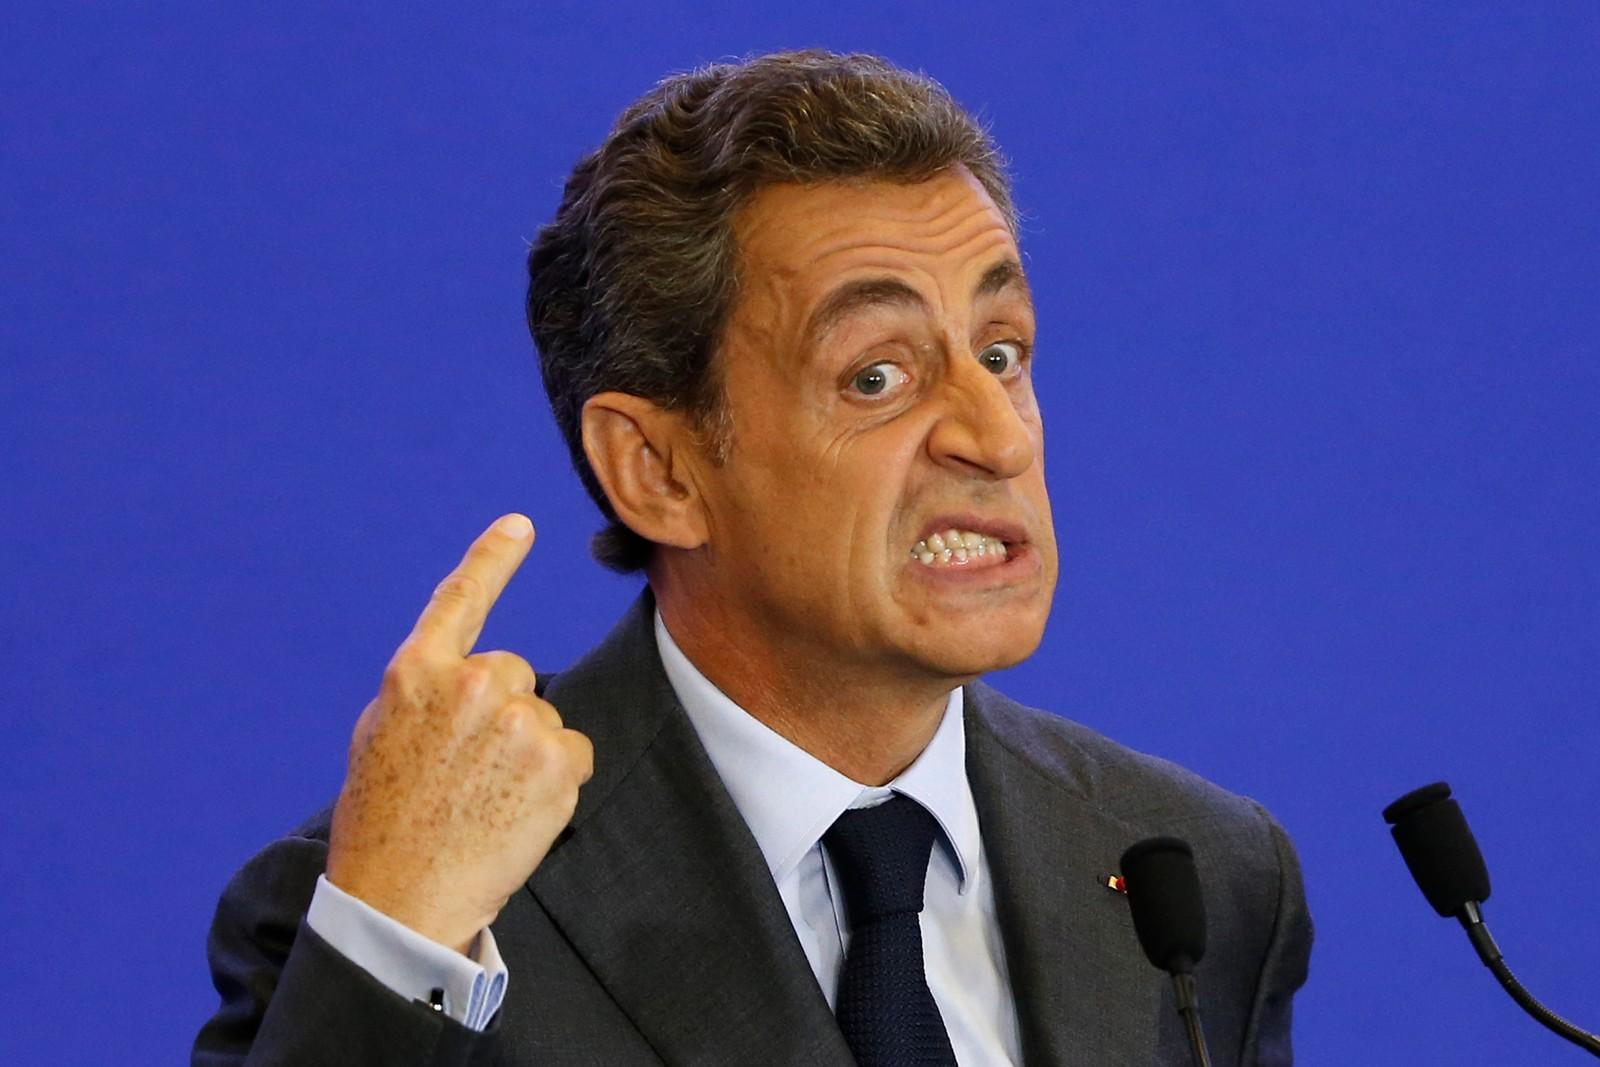 Frankrikes tidligere president, Nicolas Sarkozy, er meget engasjert under en tale etter et møte om flyktningkrisen i Paris 16. september. Frankrike planlegger å bombe terrorgruppen IS i Syria i løpet av de neste ukene, sa landets forsvarsminister til radiokanalen France Inter denne uka. Til nå har Frankrike kun deltatt i luftangrep mot IS i Irak.